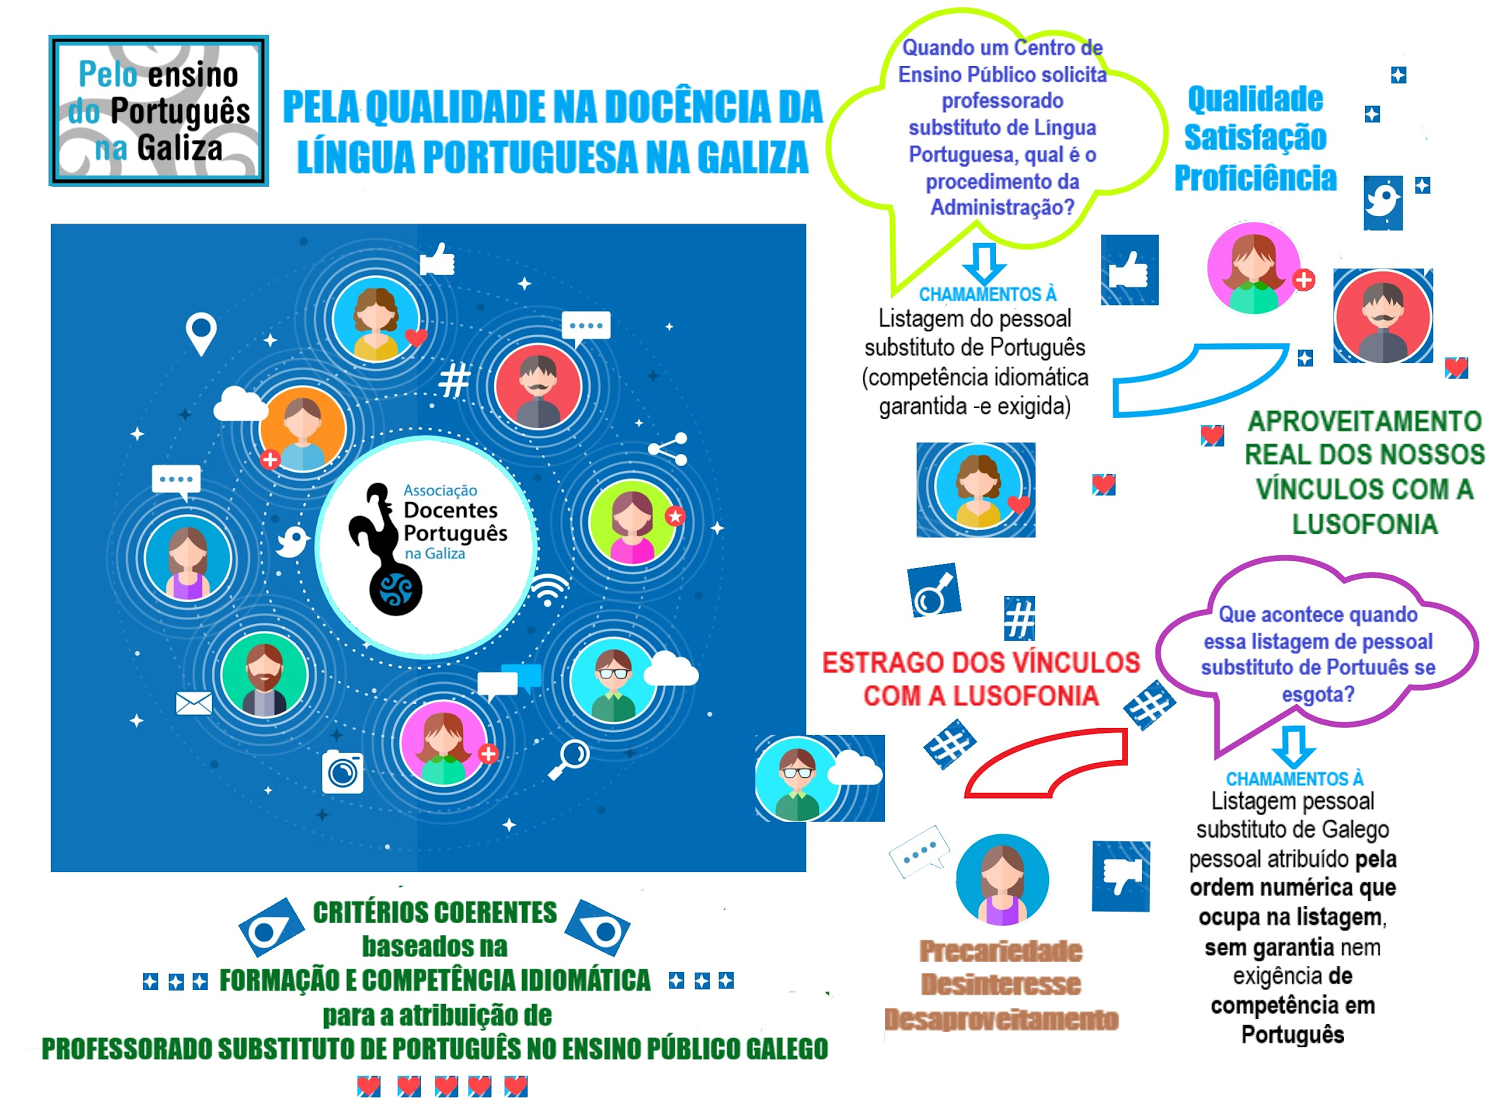 diagrama-pela-qualidade-ensino-pt-gz